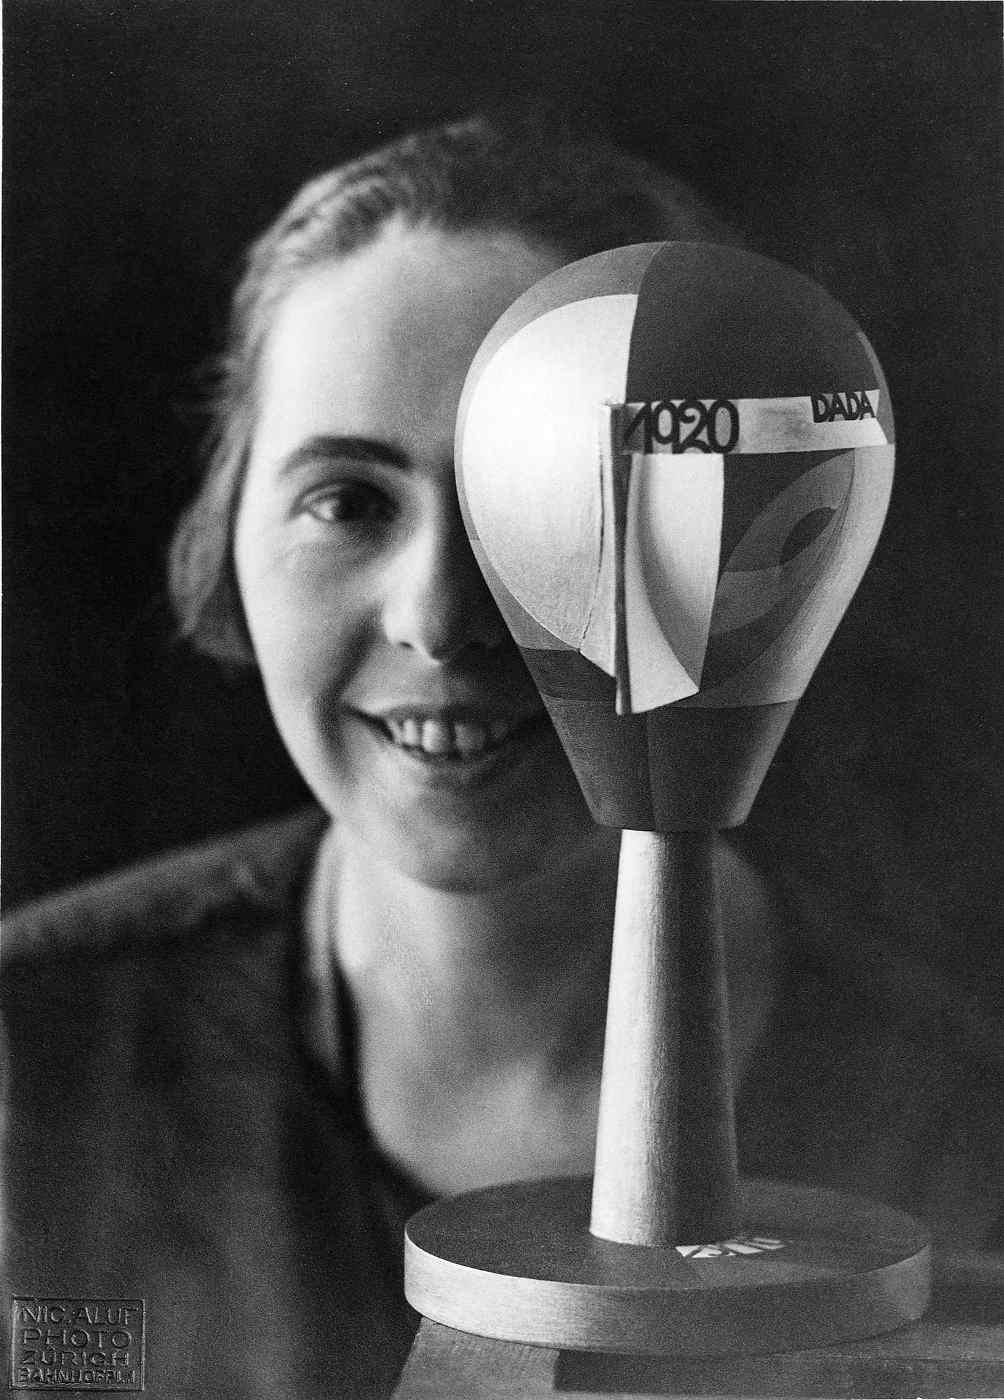 Sophie Taeuber mit Dada-Kopf, Zürich 1920 | Foto: Nic Aluf – Archiv Stiftung Arp e. V., Berlin/Rolandswerth